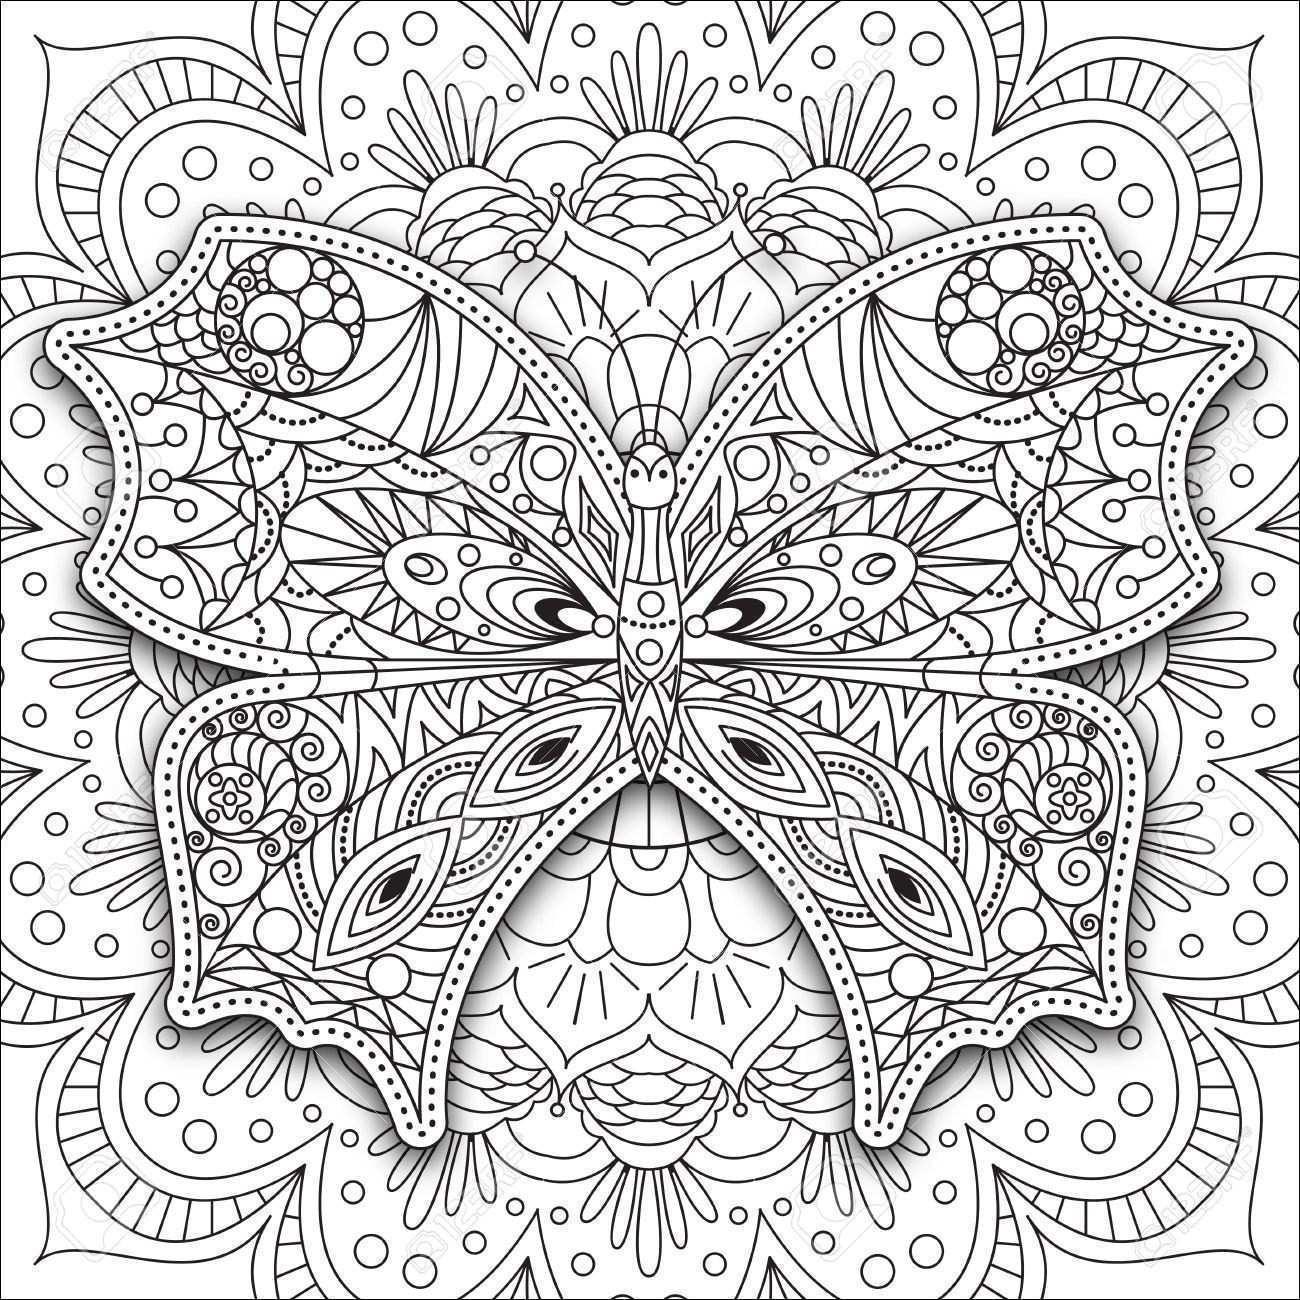 Mandalas Zum Ausmalen Schmetterling Neu Winter Mandalas Zum Ausdrucken Bildnis 37 Ausmalbilder Mandala Sammlung